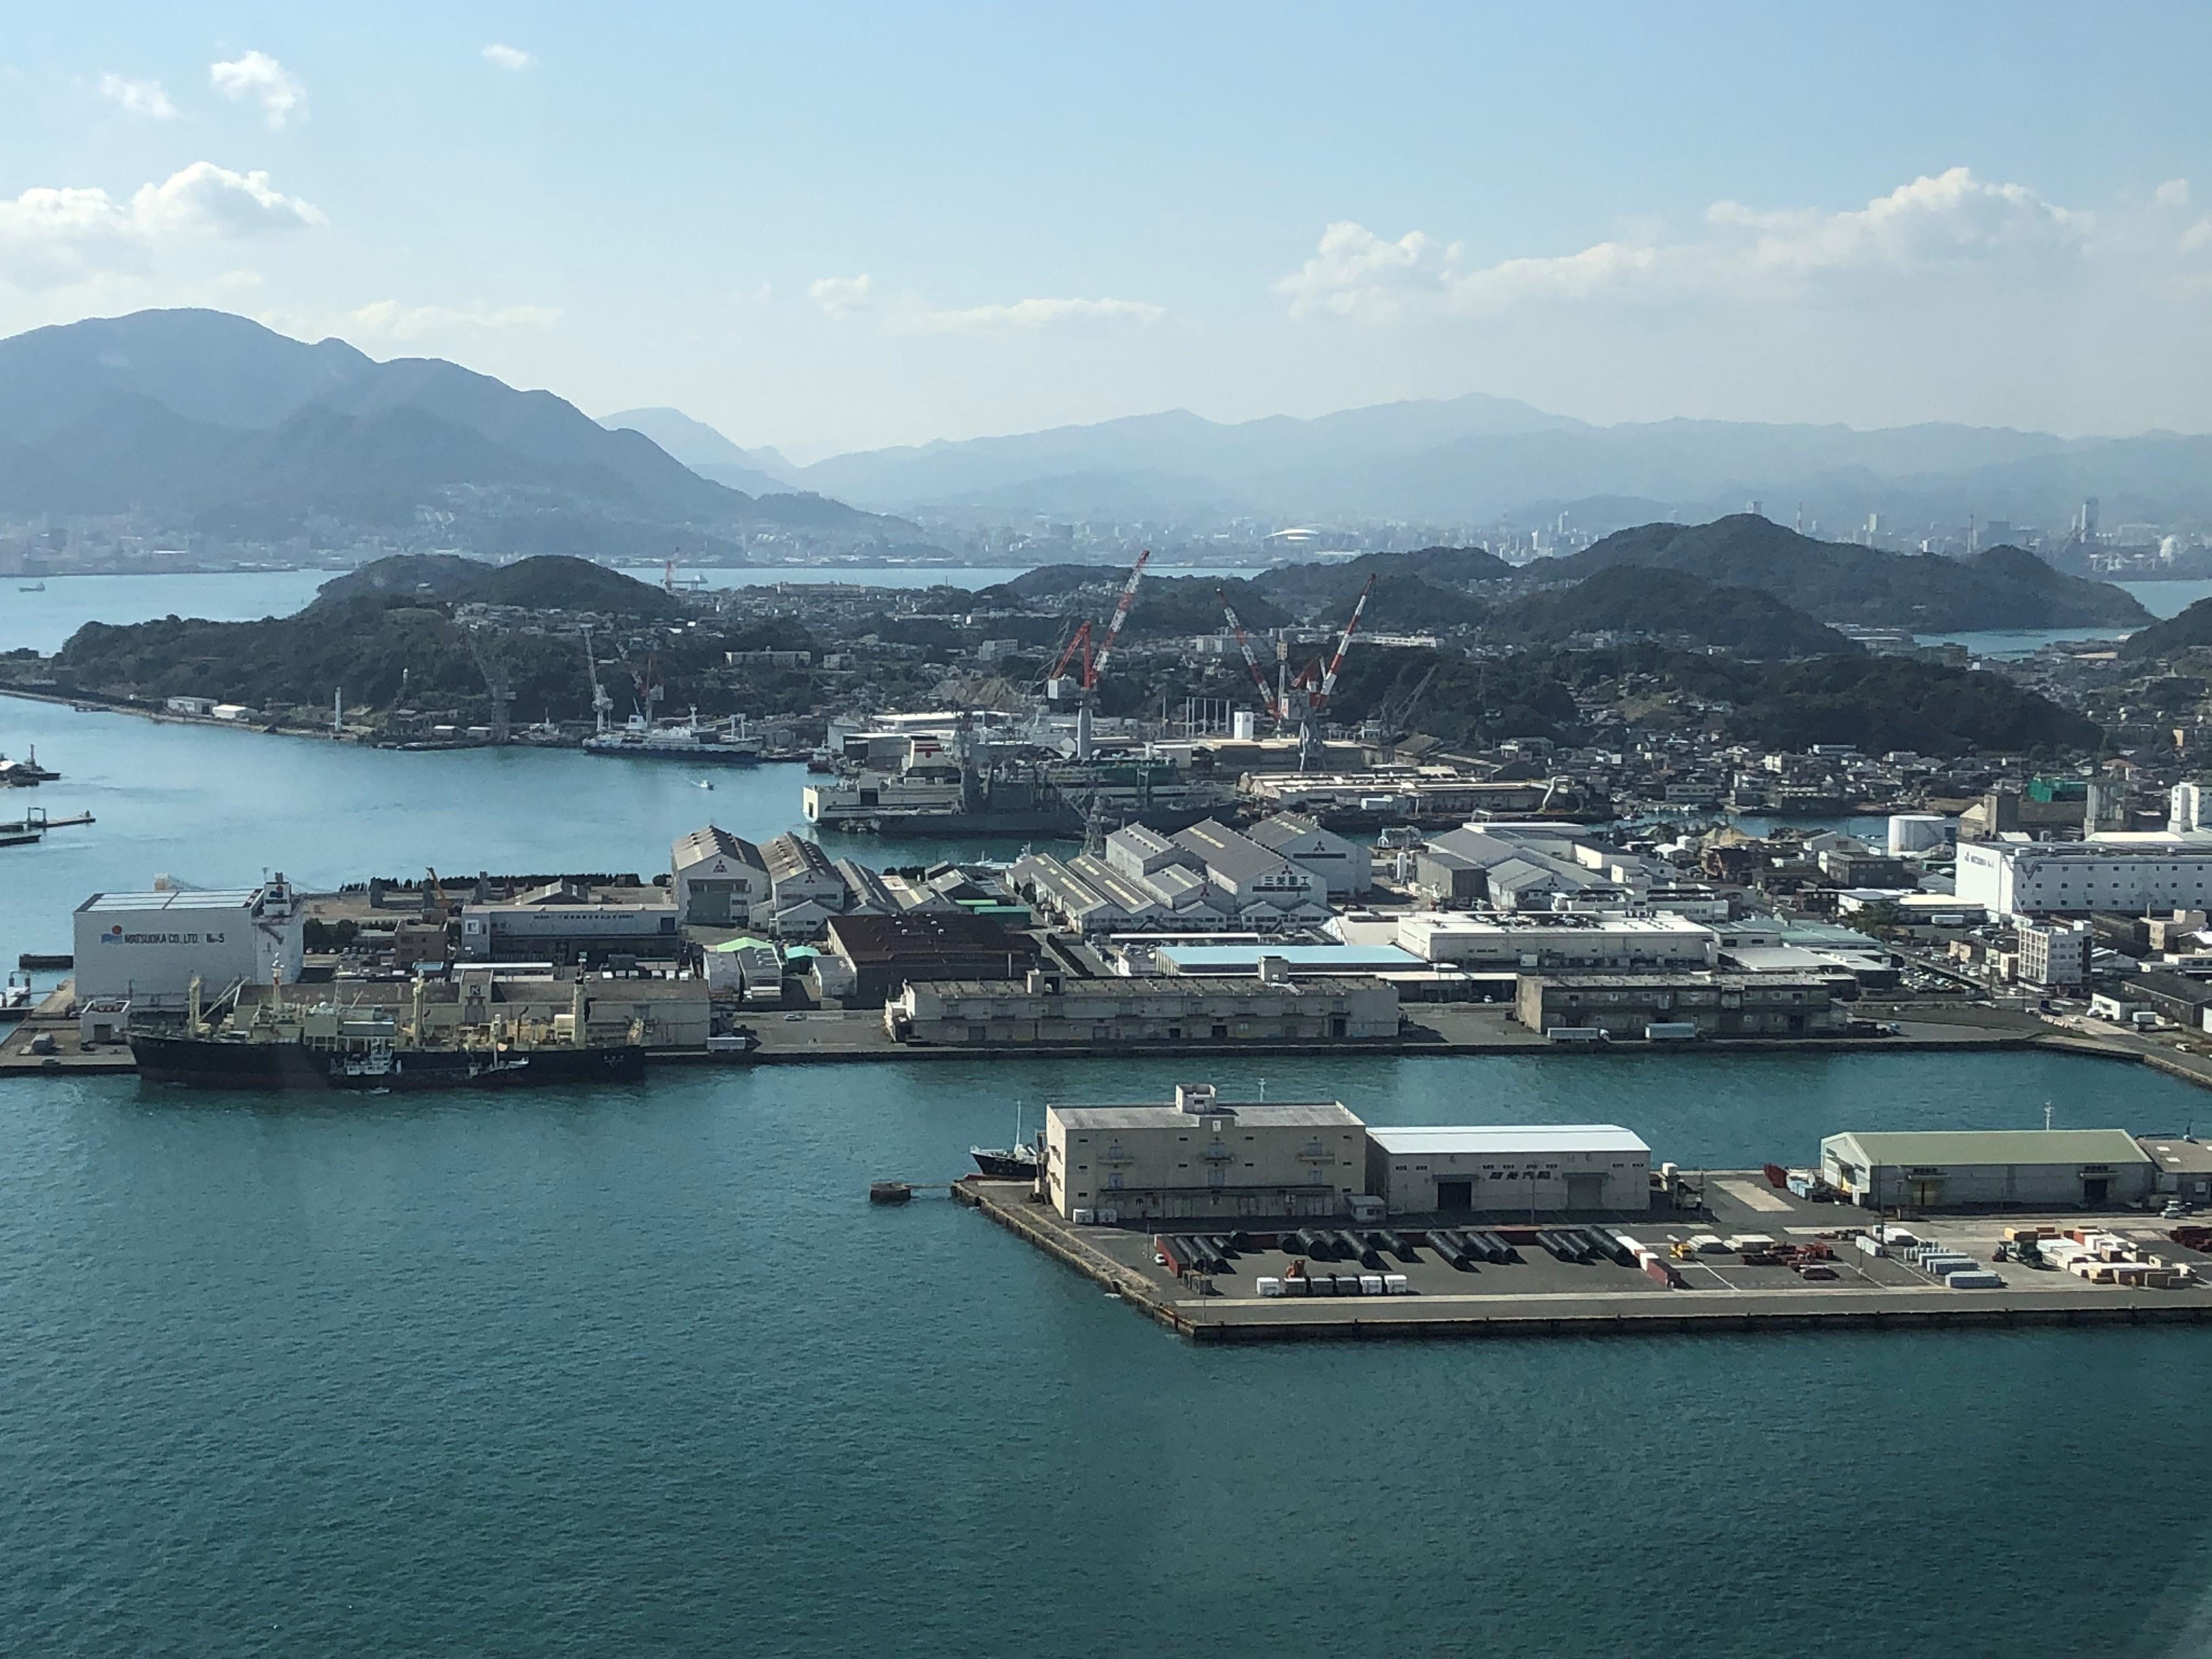 Mitsubishi Shipbuilding Co., Ltd. Shimonosekin telakka, jossa laivat varustetaan Valmetin rikkipesurein, sijaitsee Kanmonin salmessa Japanissa.